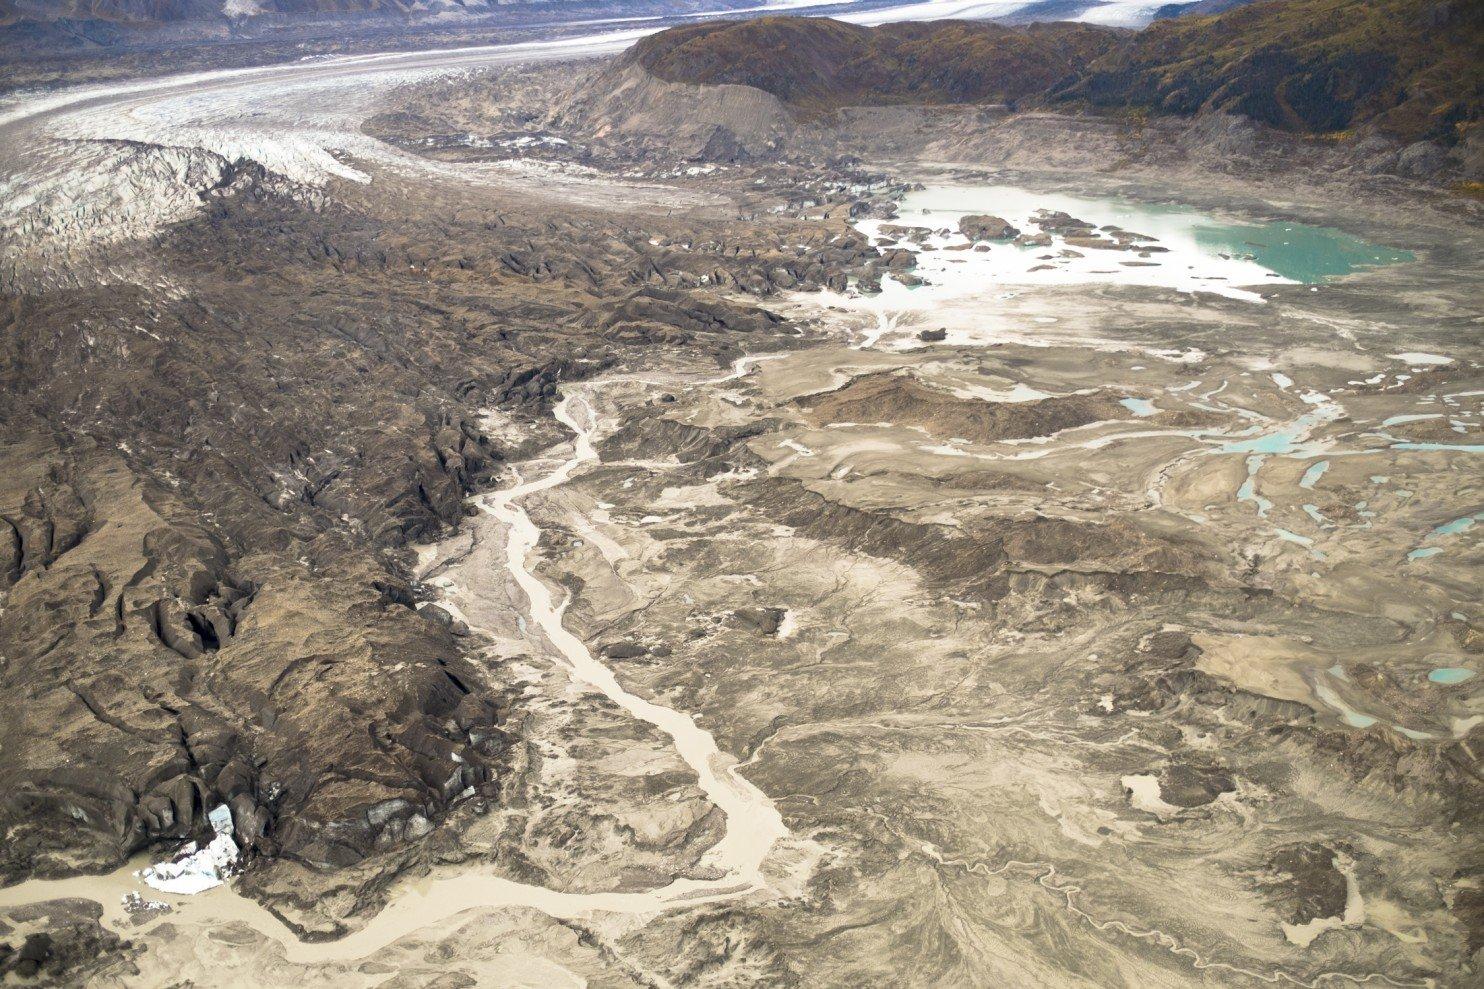 Ученые в Канаде зафиксировали изменение течения крупной реки из-за климатических изменений - 2